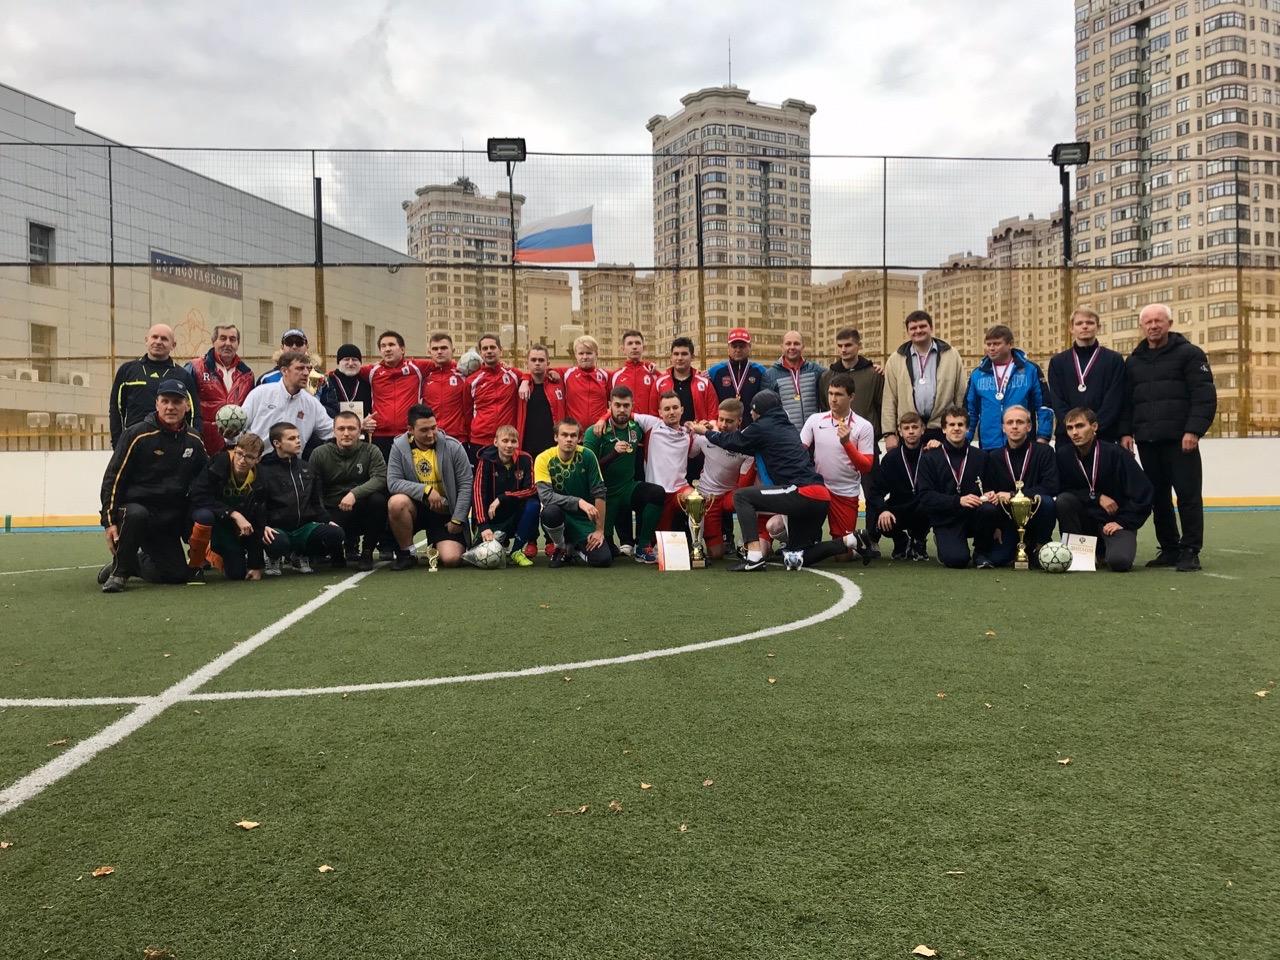 Московская команда «Олимп РГСУ» стала победителем первенства России по мини-футболу 5х5 класс В1 (тотально-слепые спортсмены)